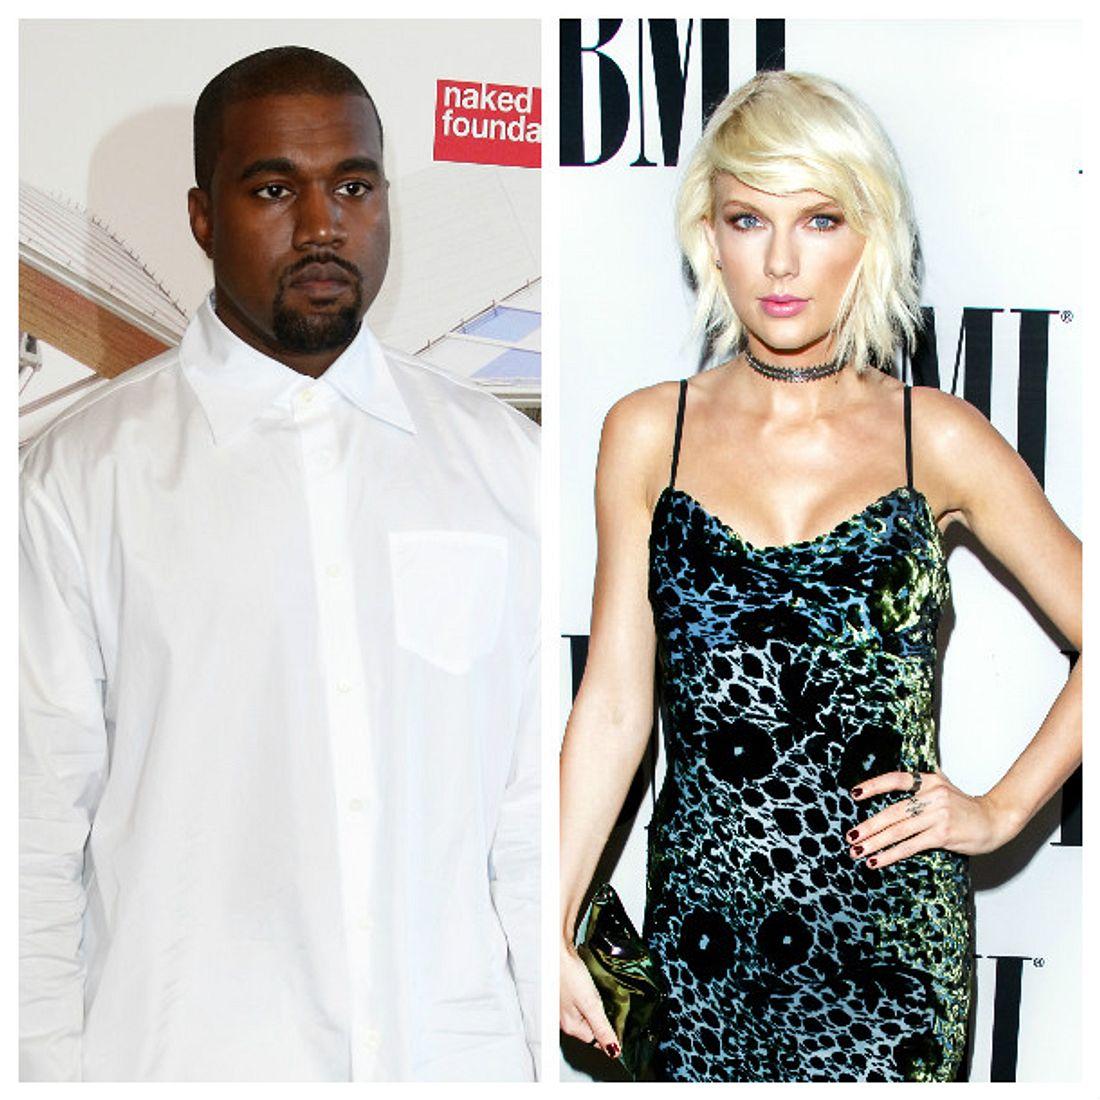 Kanye West und Taylor Swift liefern sich einen medienwirksamen Beef